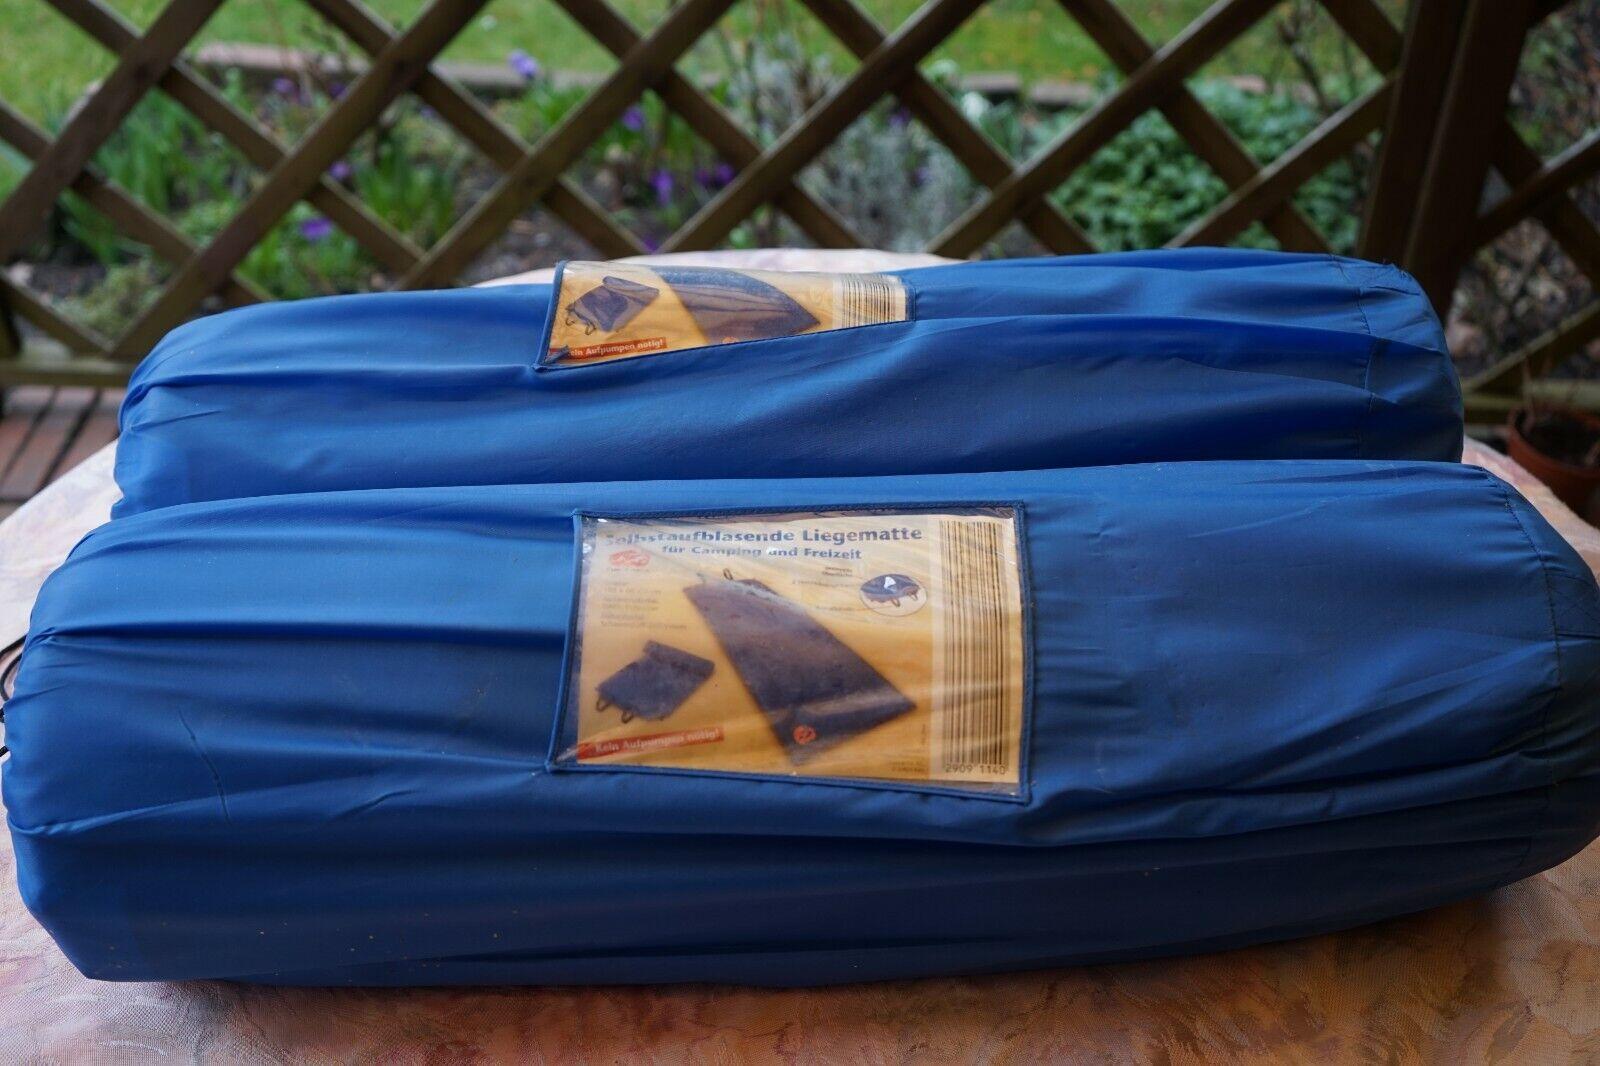 2xSelbstaufblasede Liegematte für Camping und Freizeit+2xLiegematte